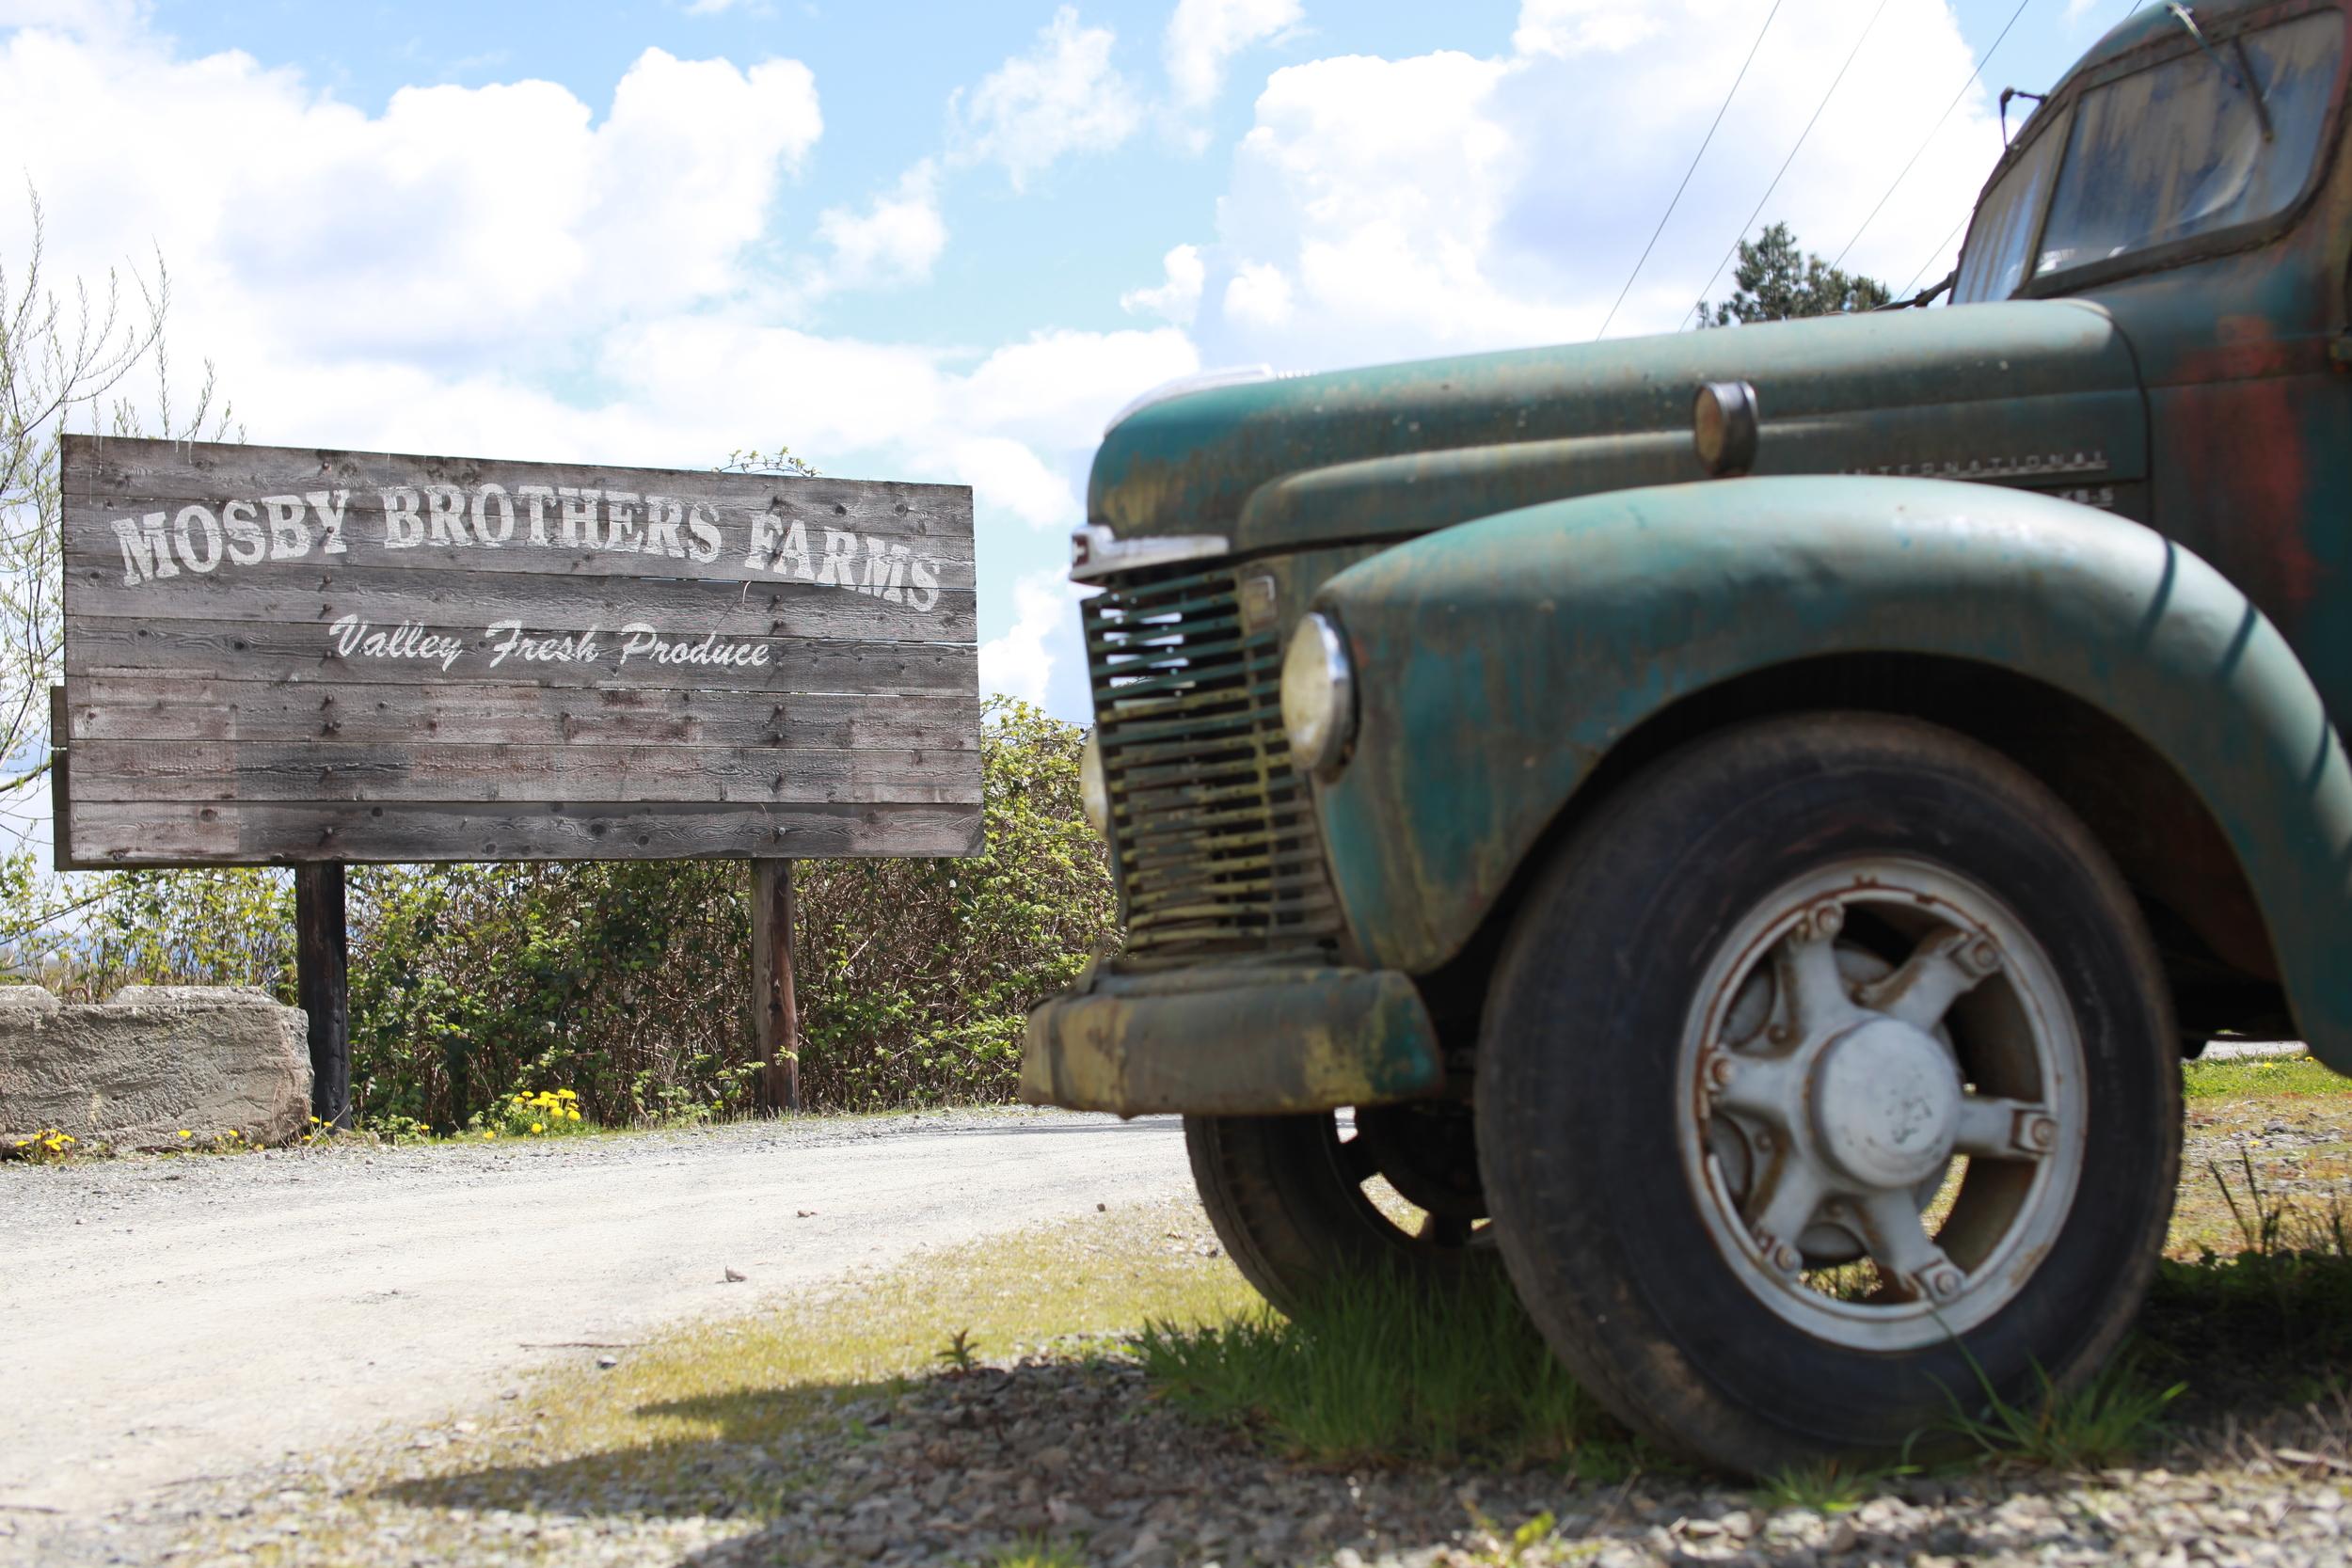 Grandpa's old truck